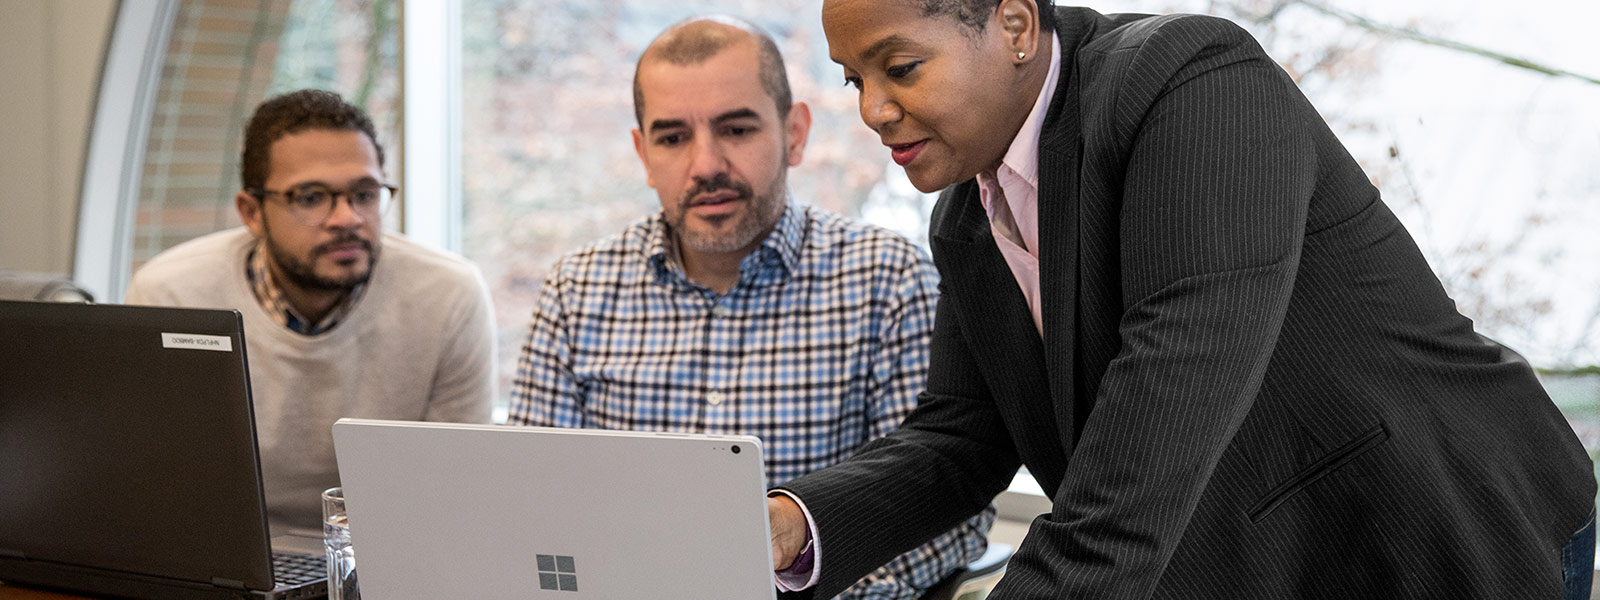 Drei Personen verwenden Laptops in einem Büro